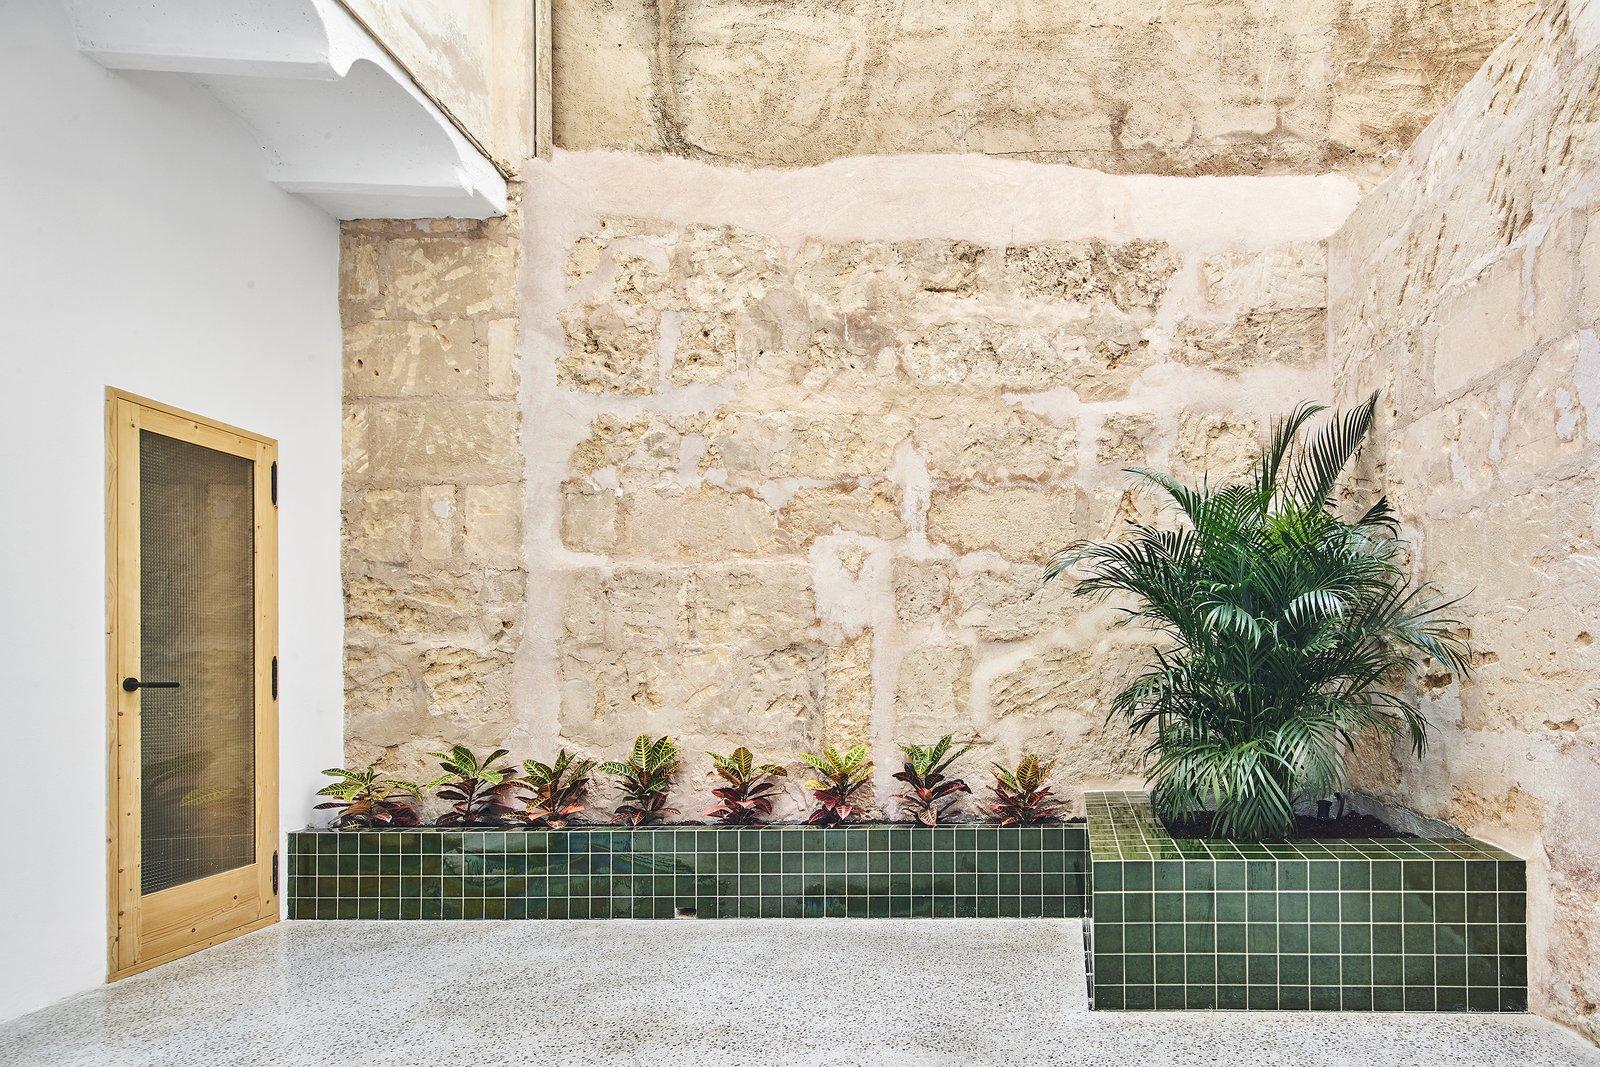 Palma Hideaway by Mariana de Delás Courtyard